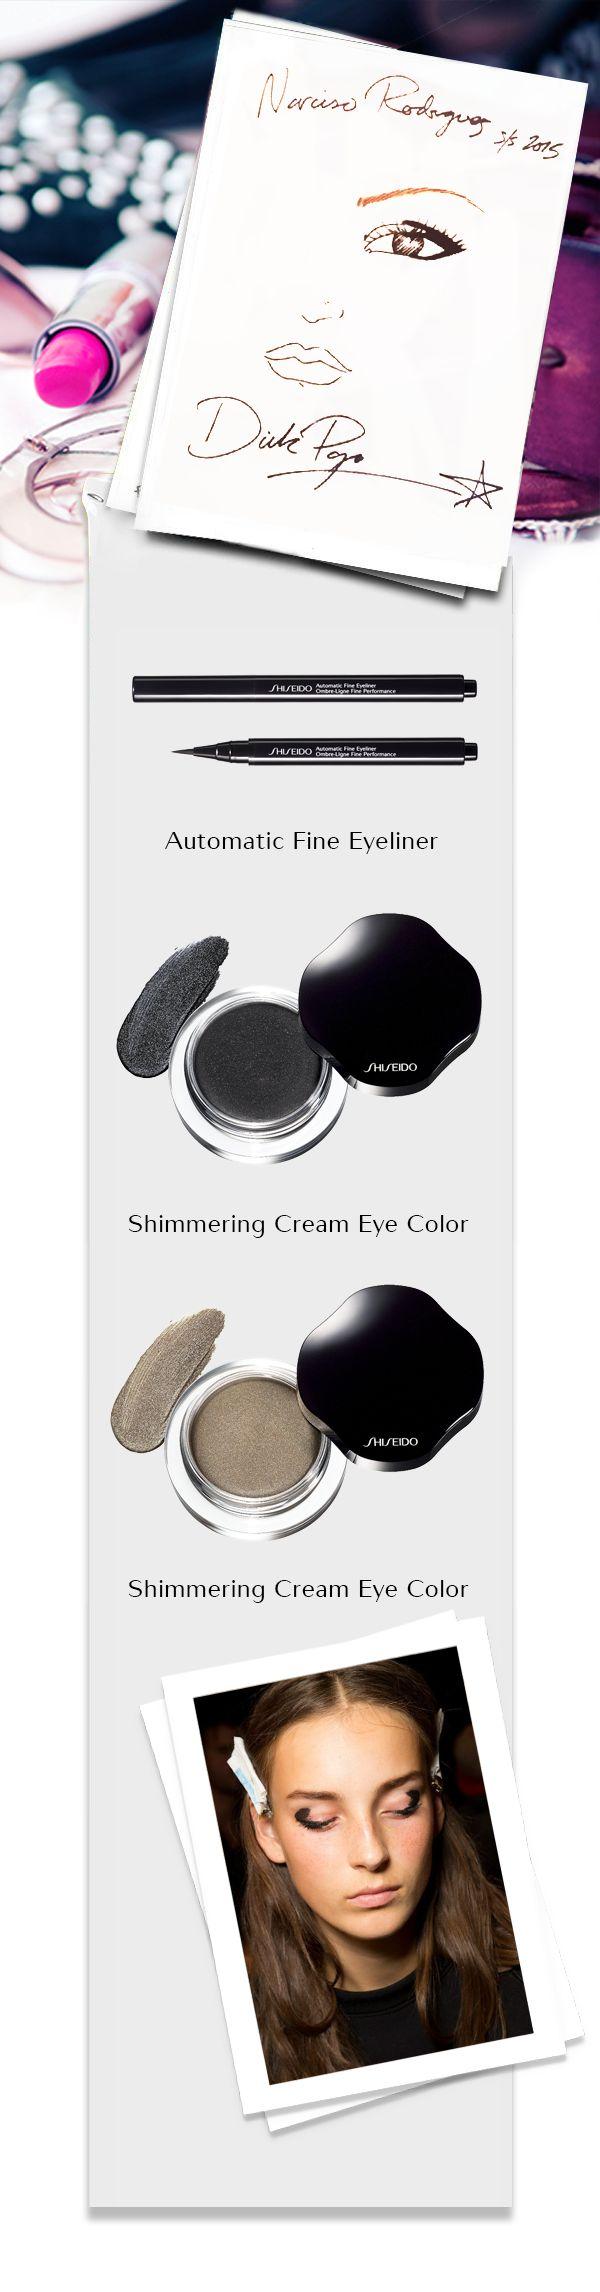 Lo stile Narciso Rodriguez S/S 2015 è minimalista, ridotto all'essenziale. Per lui Dick Page ha preparato un #makeup #Natural, dove l'occhio fa da protagonista. Due gli indispensabili prodotti per realizzarlo: lo Shimmering Cream Eye nero e color caviale, e l'Automatic Fine Eyeliner di #Shiseido. #NYFW #backstage #ShiseidoFW www.shiseido.it